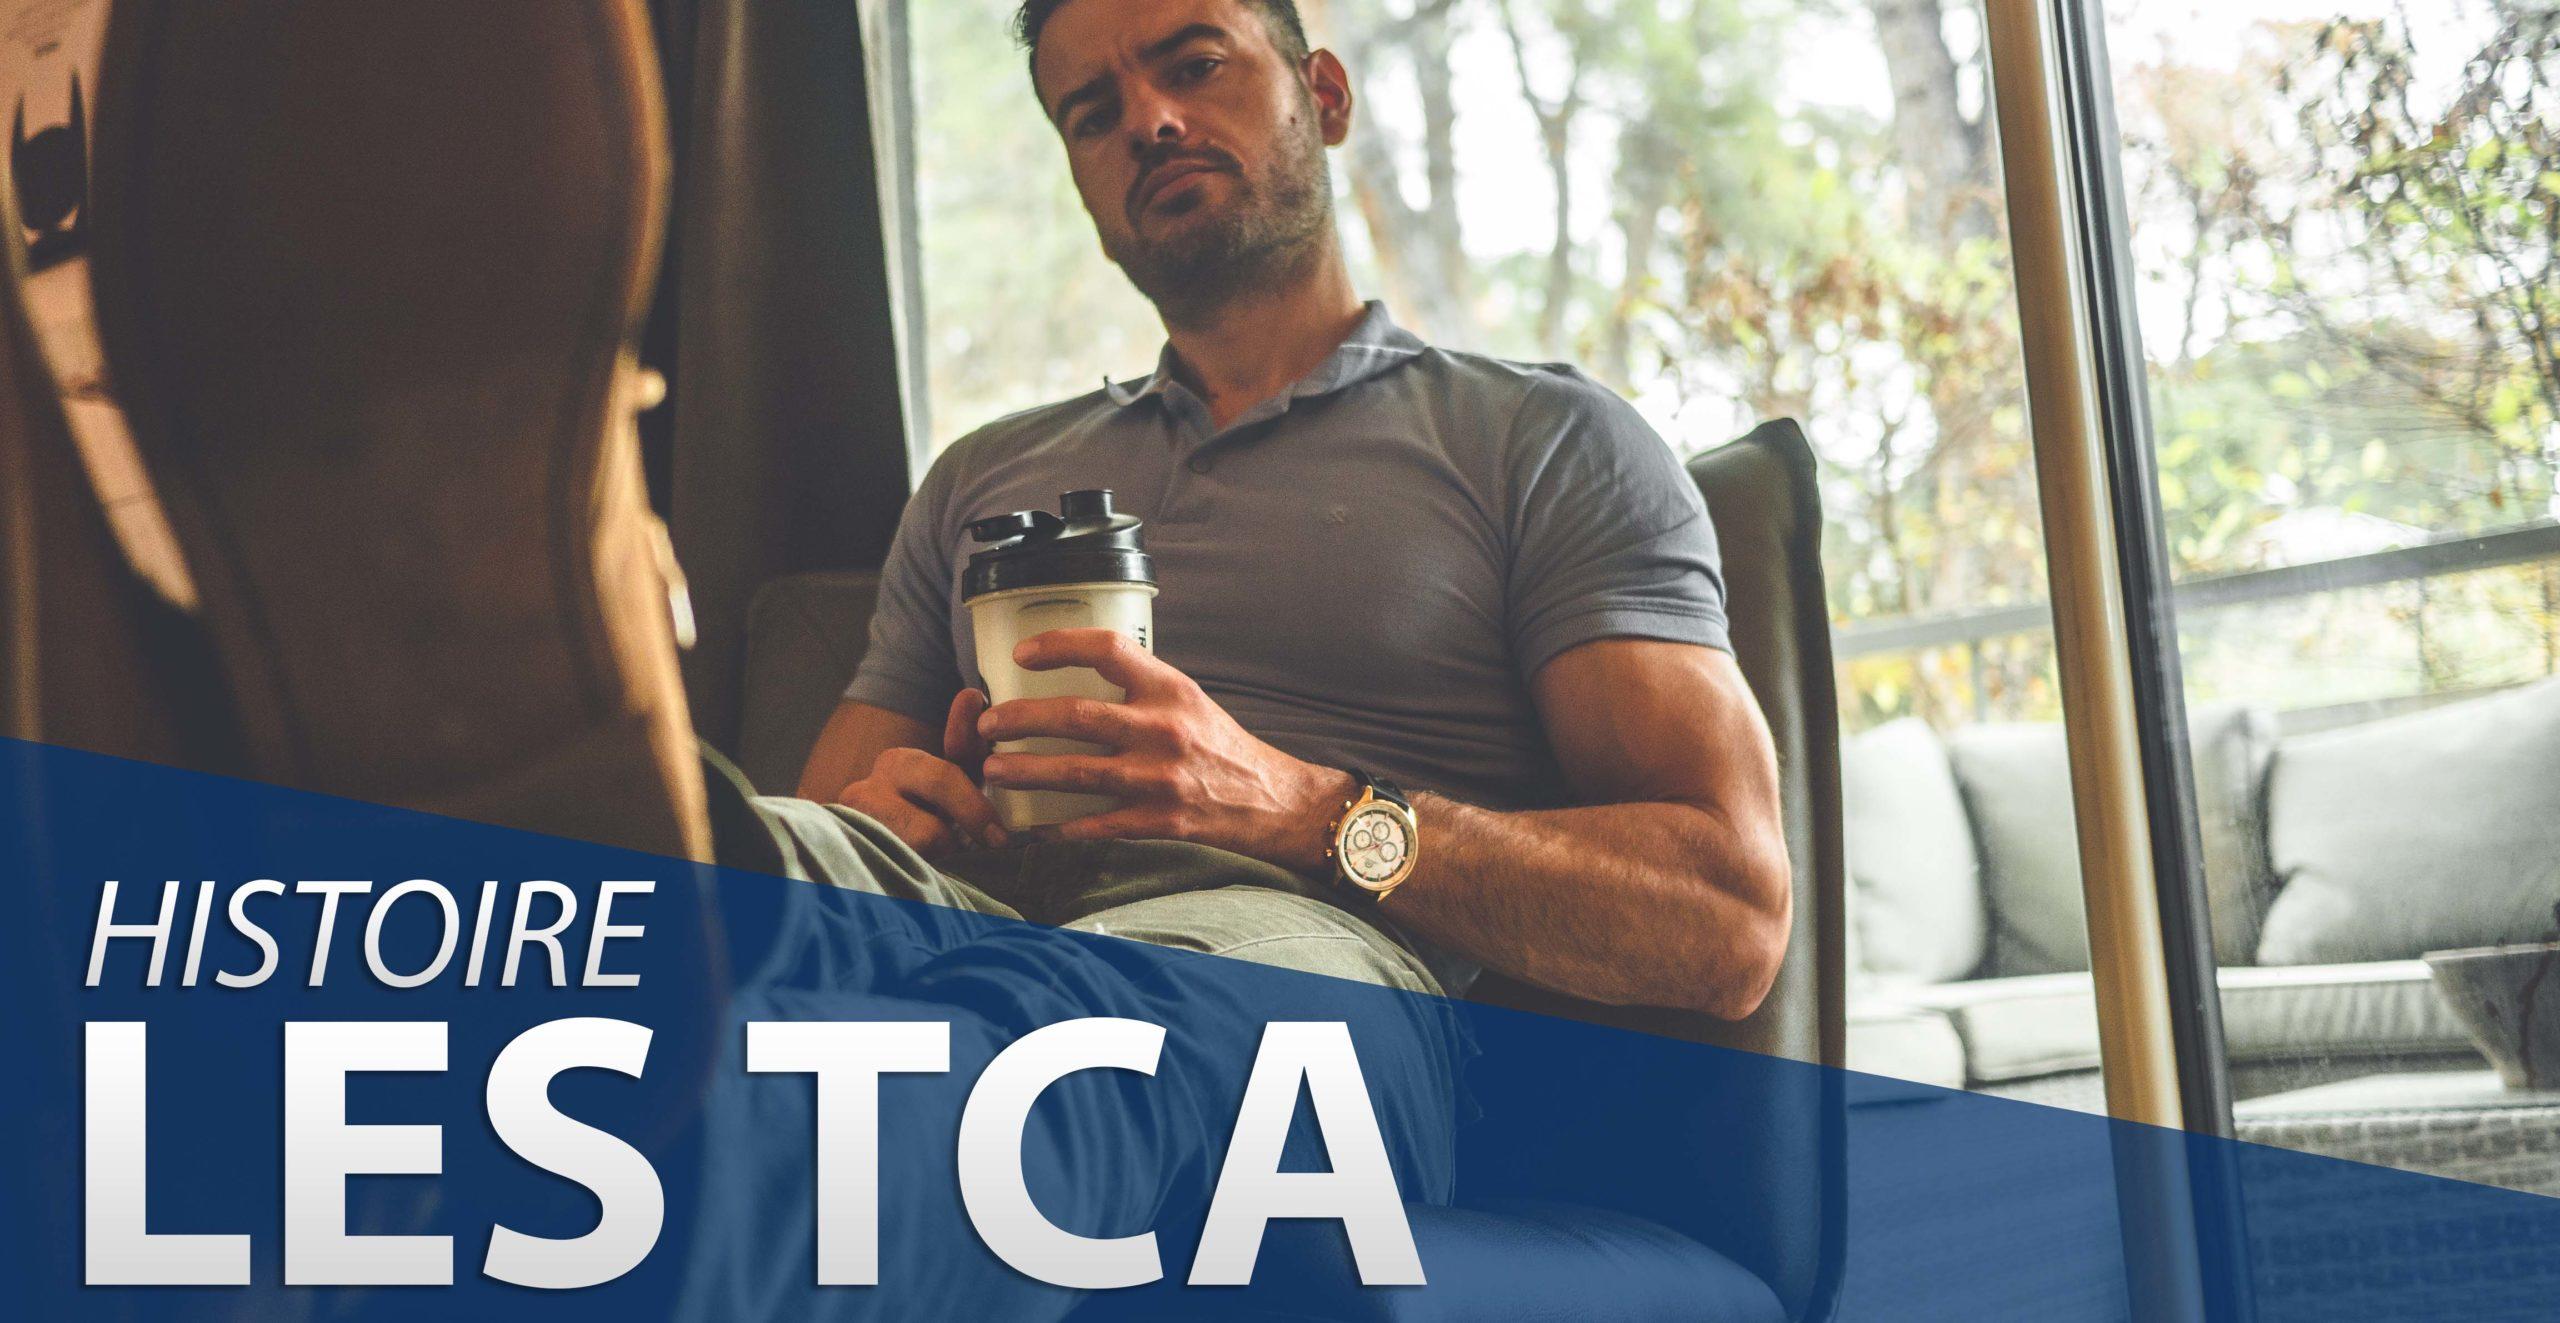 Les TCA en musculation ( compétition ) et comprendre leurs histoires